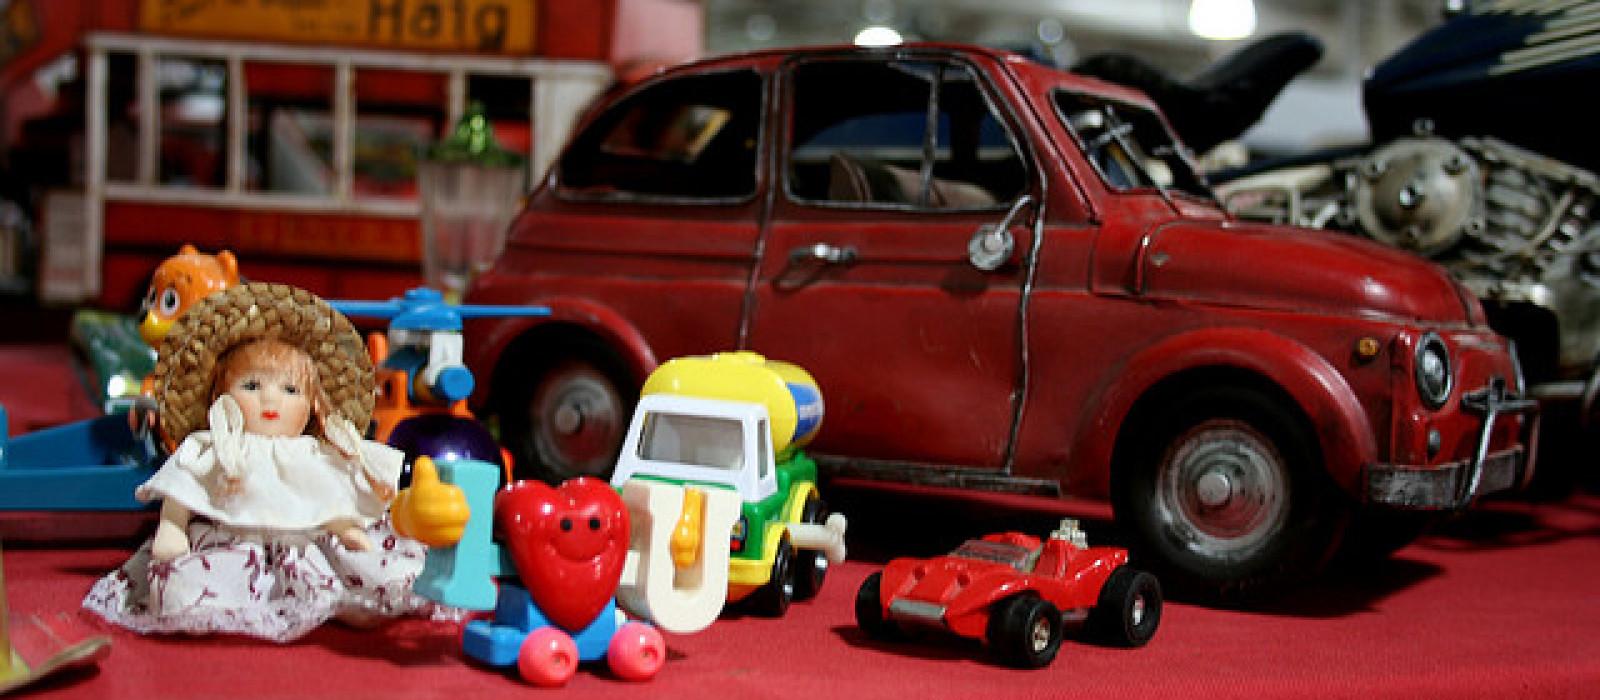 Consejos de seguridad sobre los juguetes del bebé